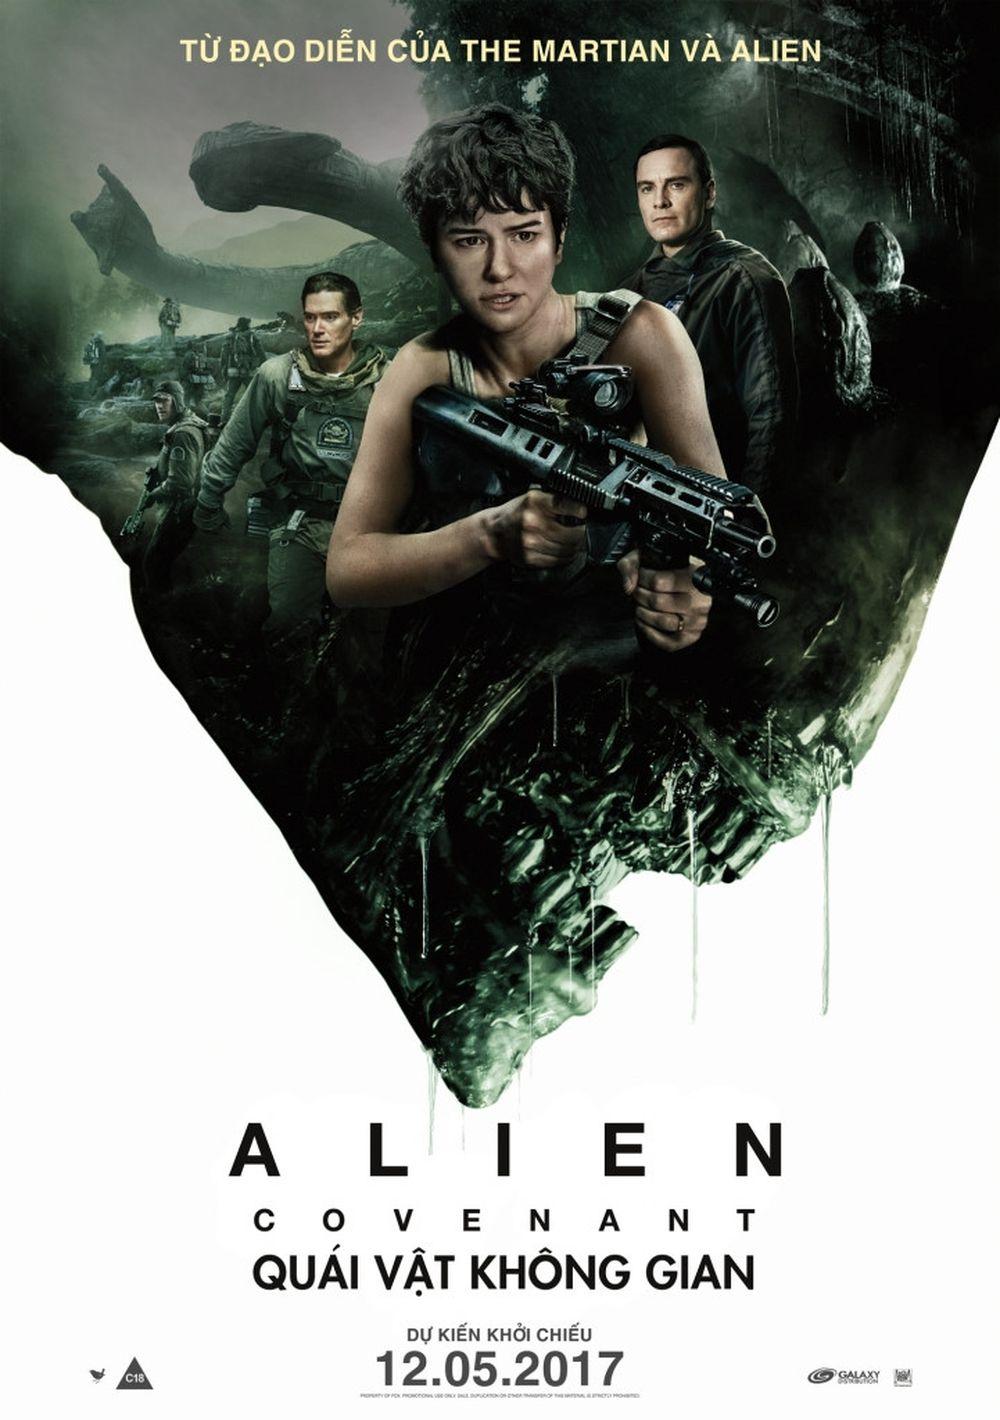 Bộ phim Alien: Covenant được xem là sự trở lại thành công của loạt phim  quái vật ngoài không gian.